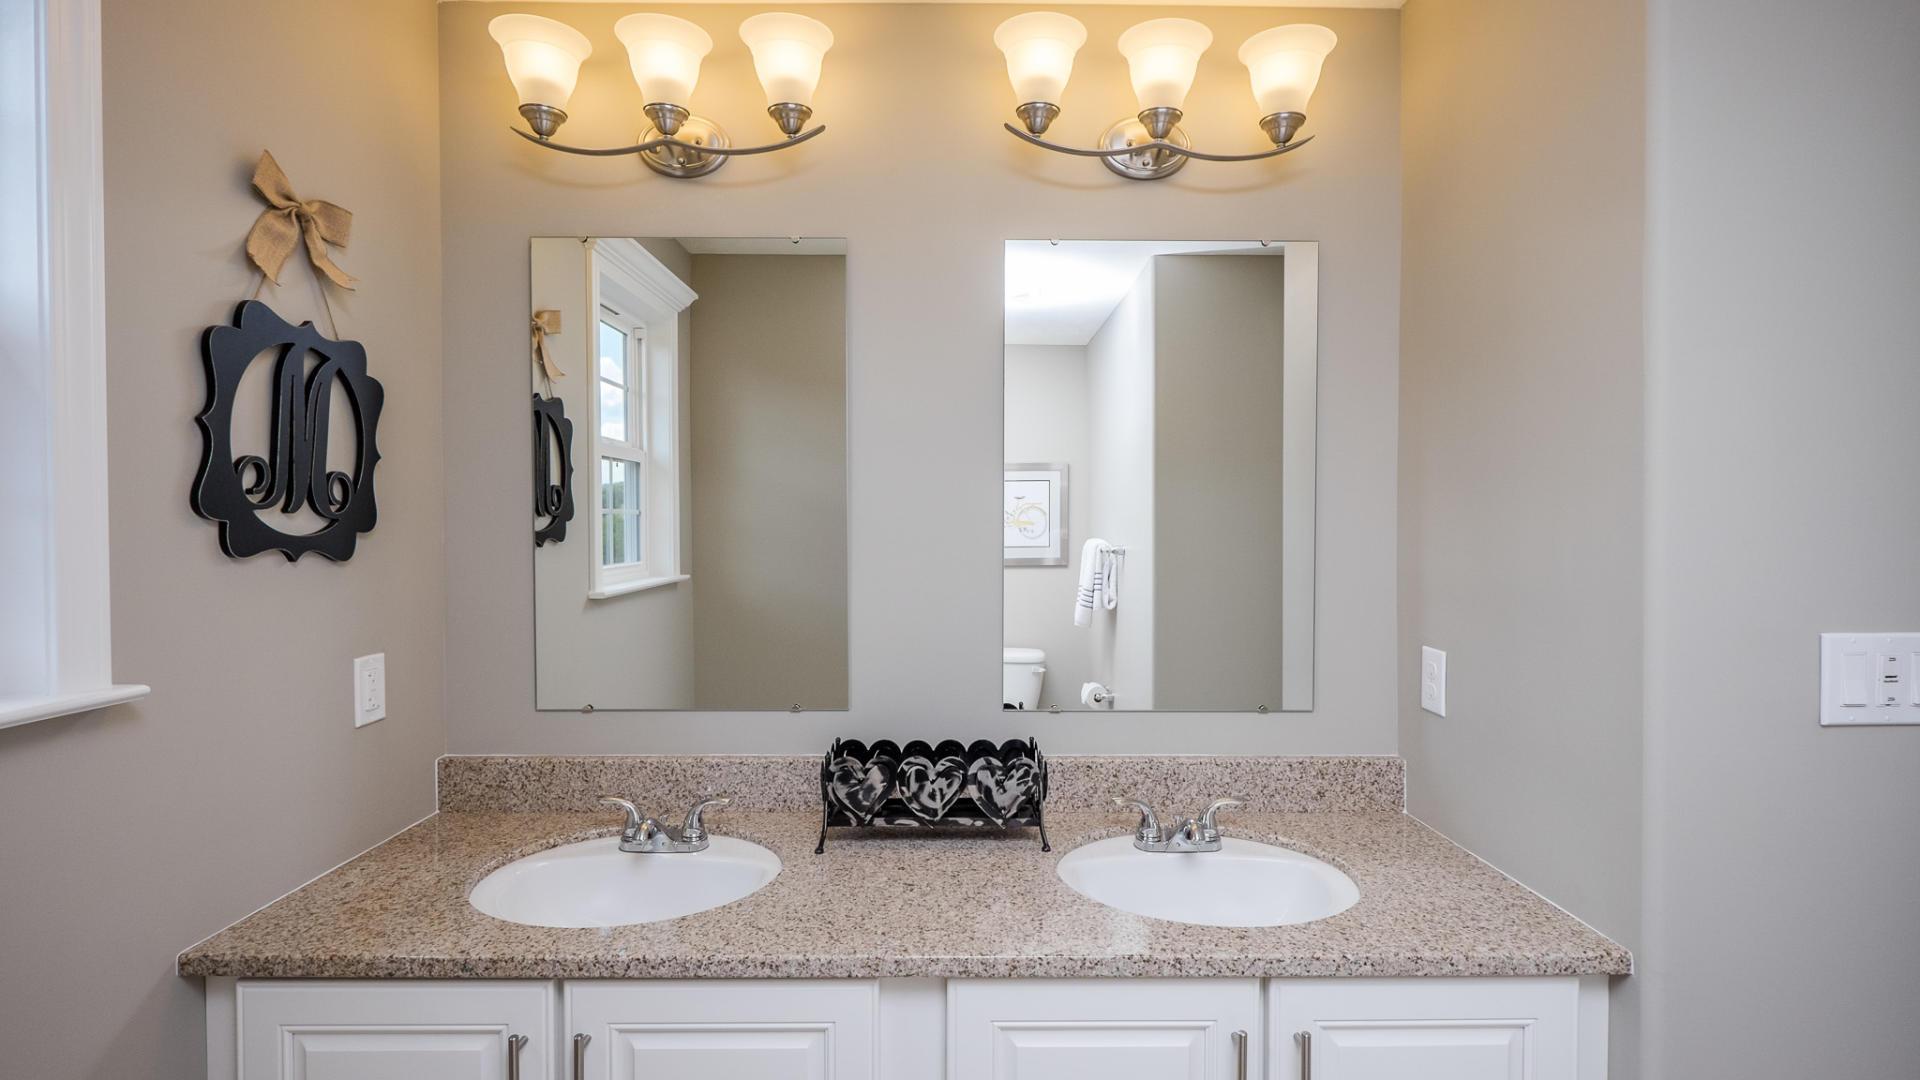 Bathroom featured in the Eisenhower By Maronda Homes in Cincinnati, KY